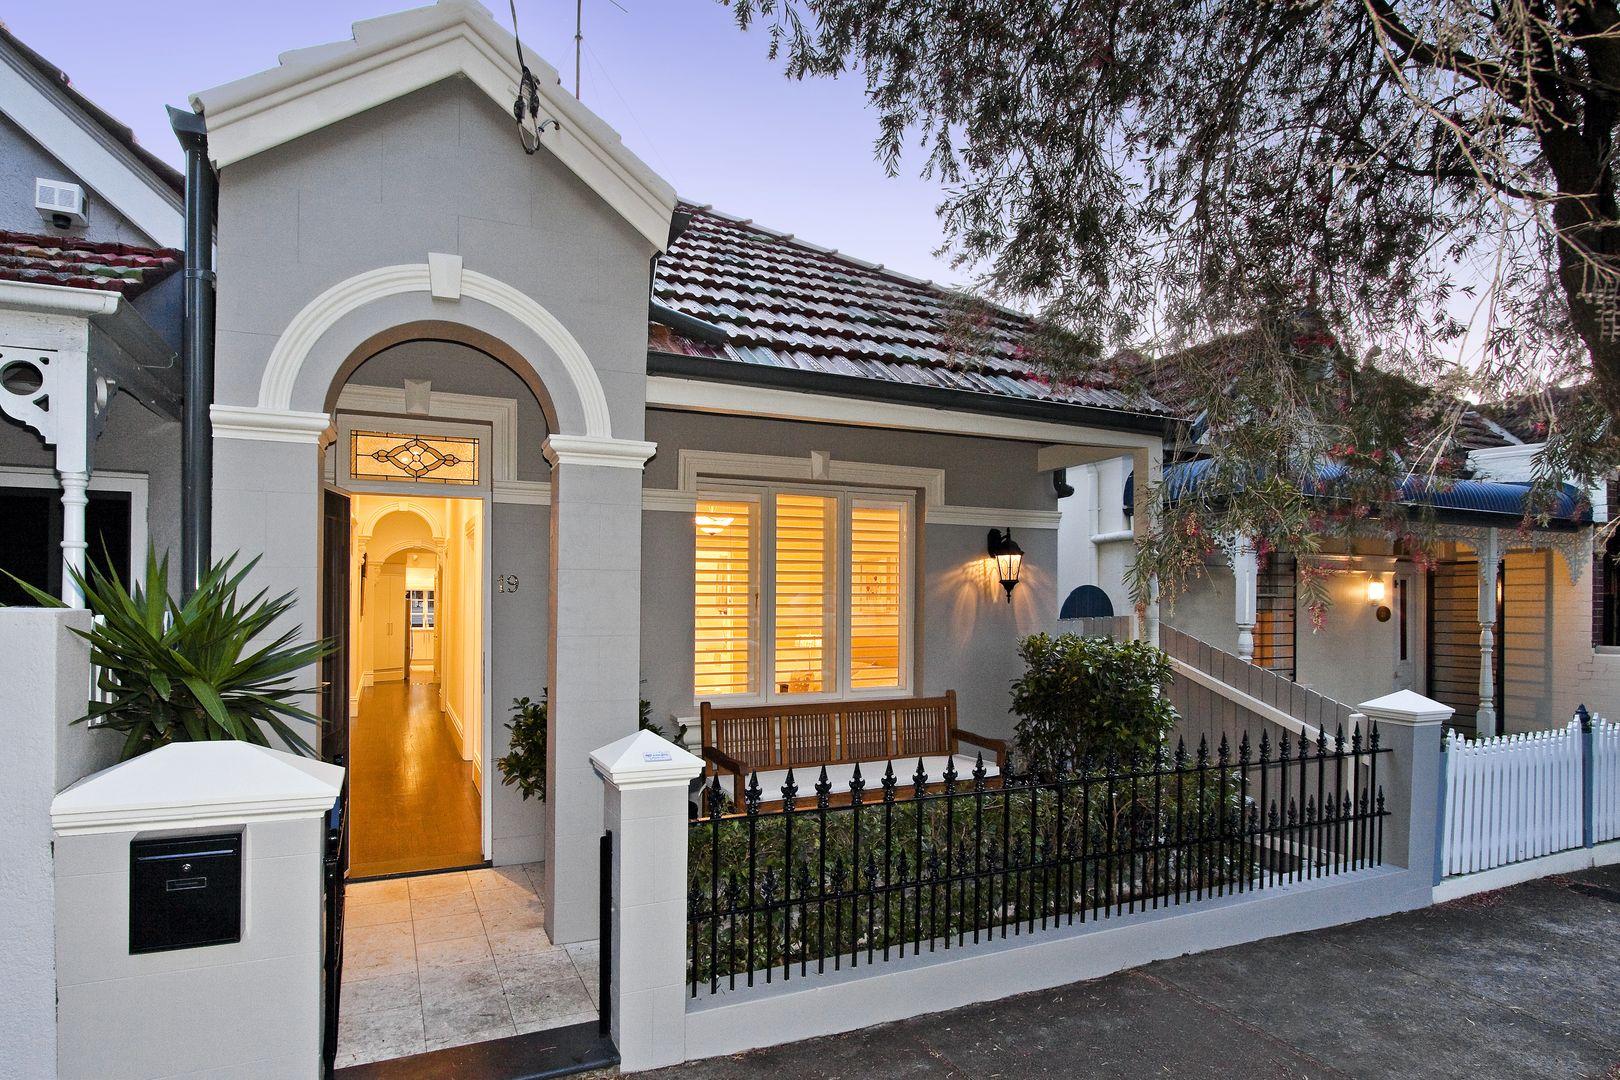 3 bedrooms House in 19 Jubilee Street LEWISHAM NSW, 2049